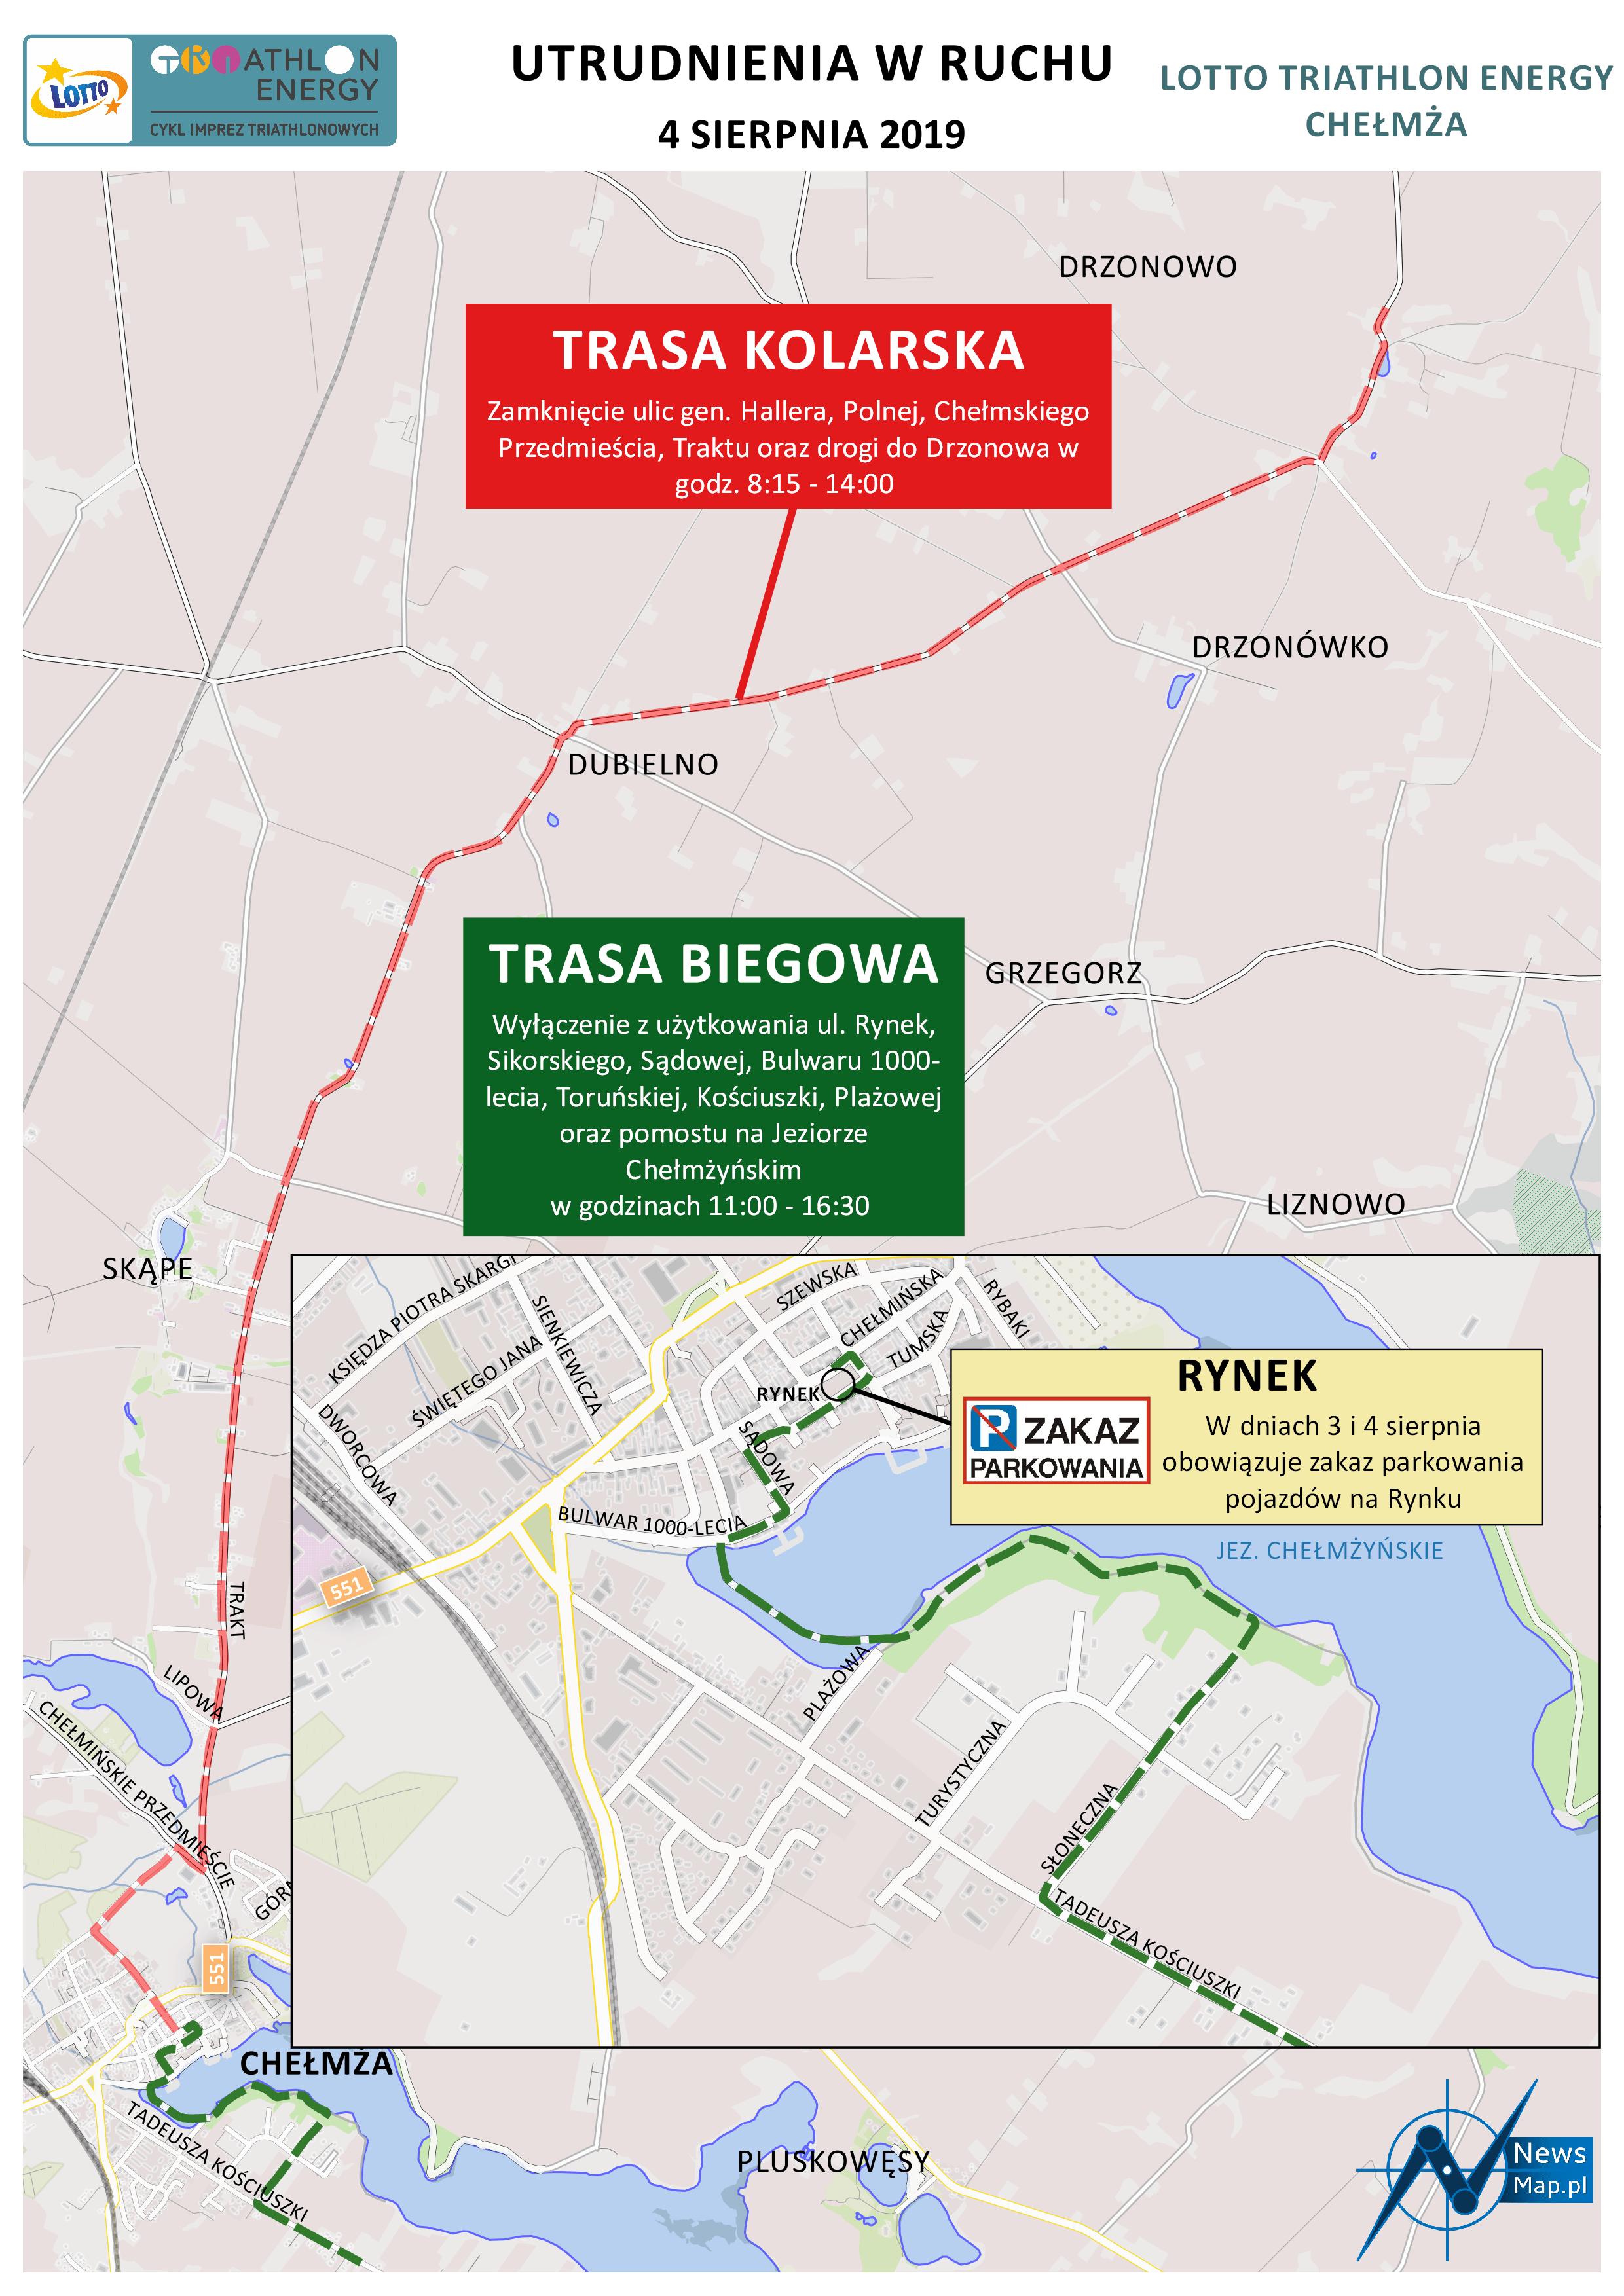 Mapa statyczna Chełmża Energy Triathlon 2019 - utrudnienia